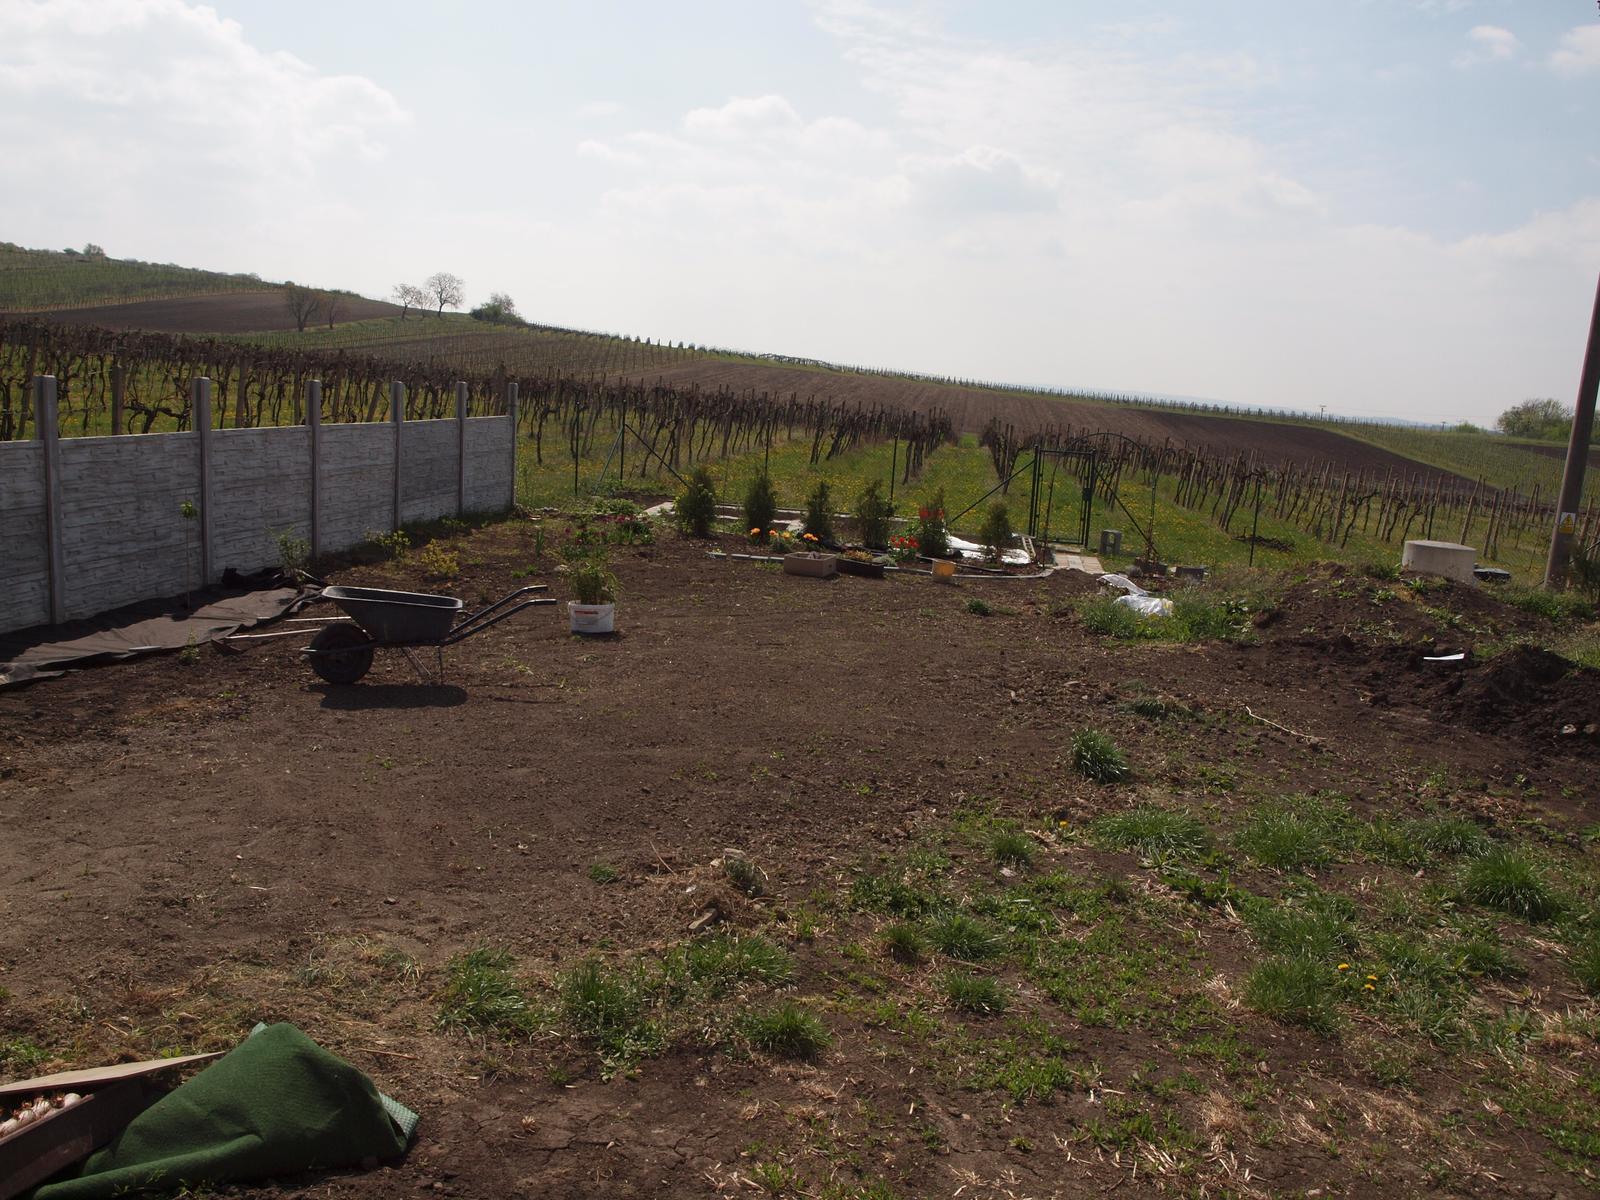 Zahrada - ještě zbytek trávy pokopat a pěkně uhrabat